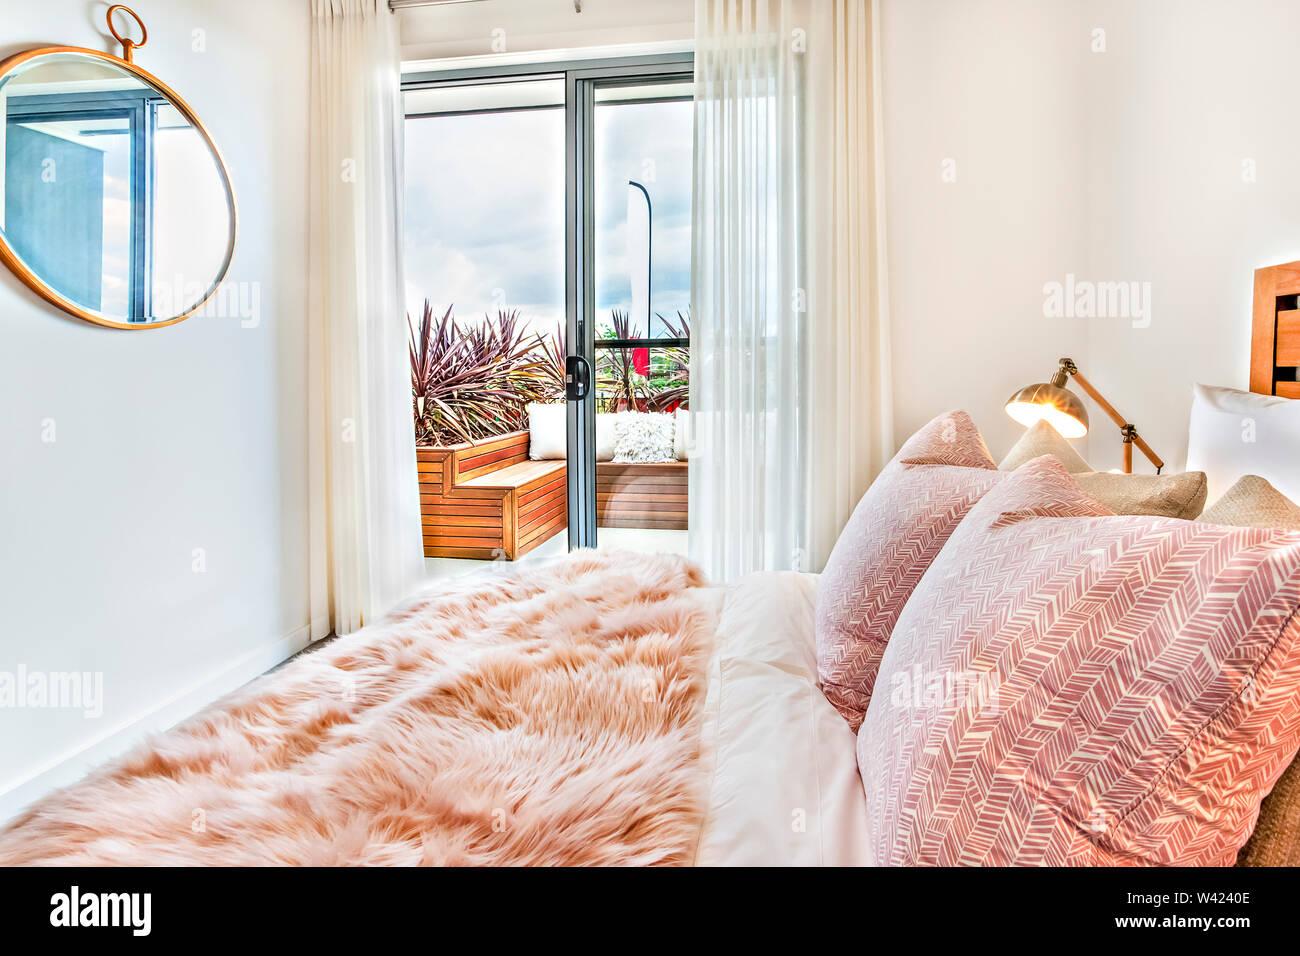 Camera da letto moderna close up illuminato dalla luce solare attraverso la porta della camera da letto compresa una pelliccia foglio letto vicino al specchio rotondo Immagini Stock